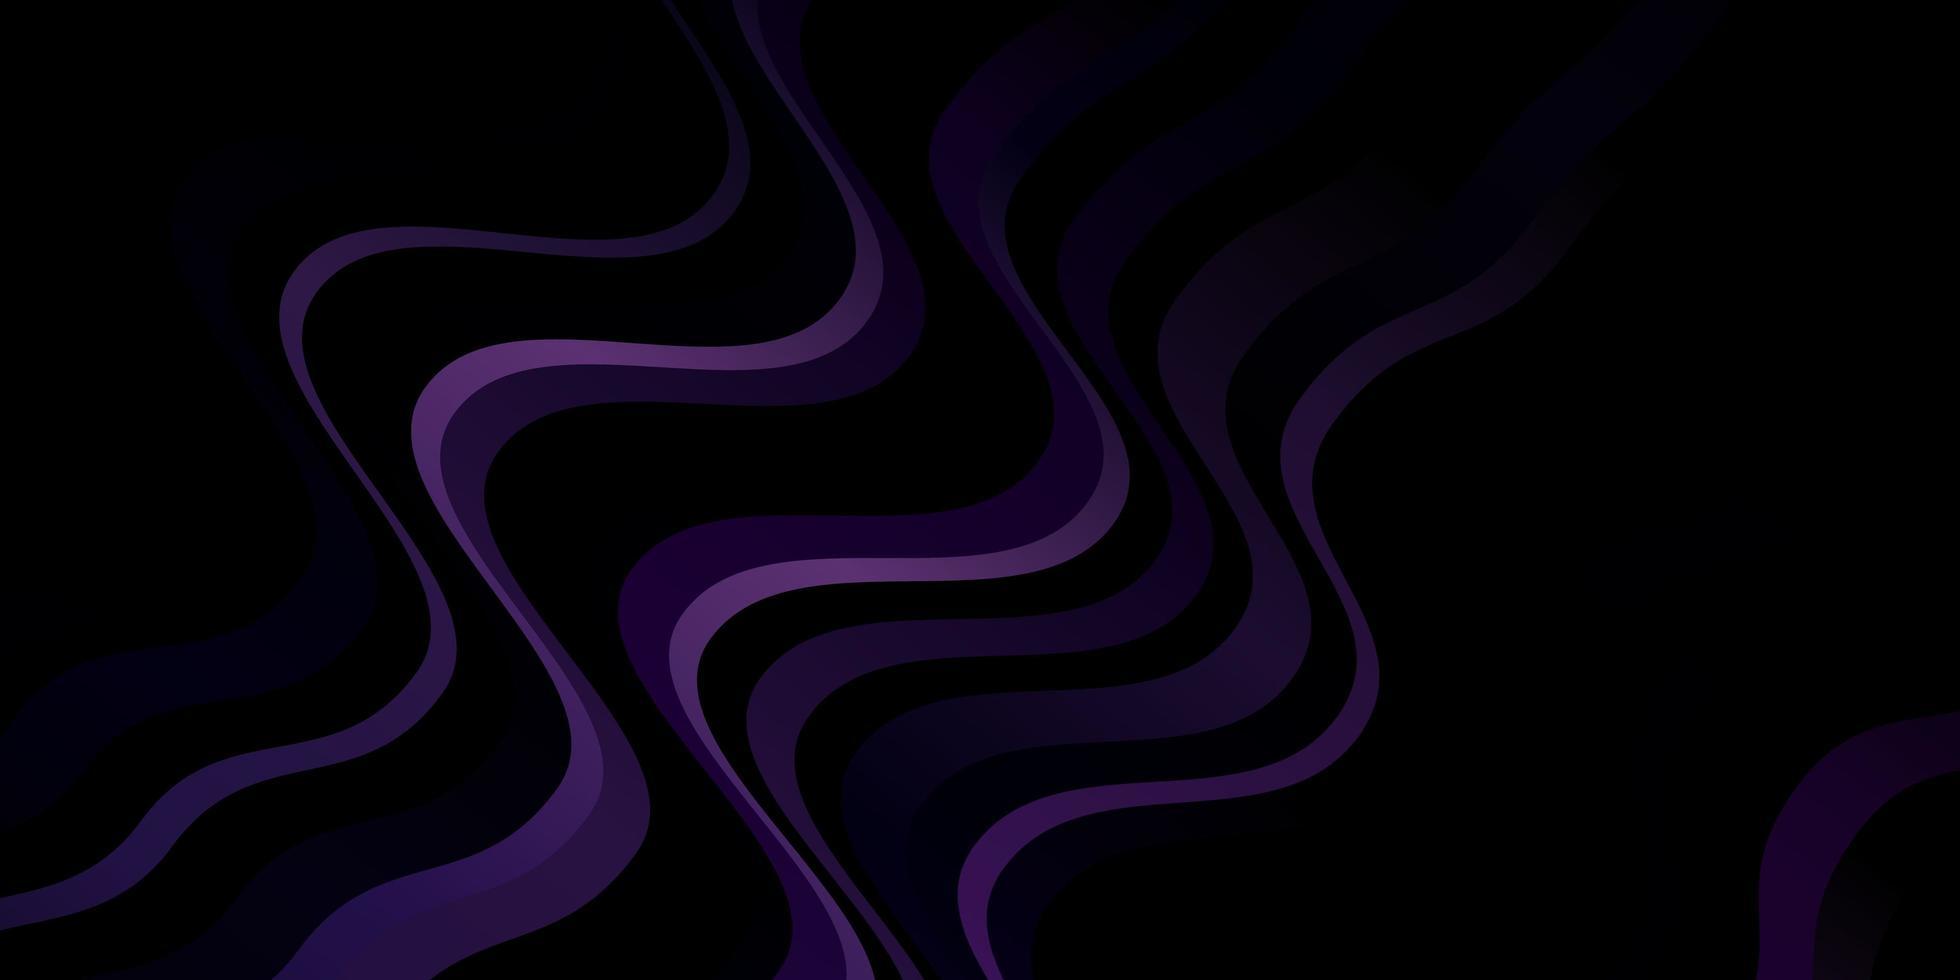 mörk lila bakgrund med kurvor. vektor